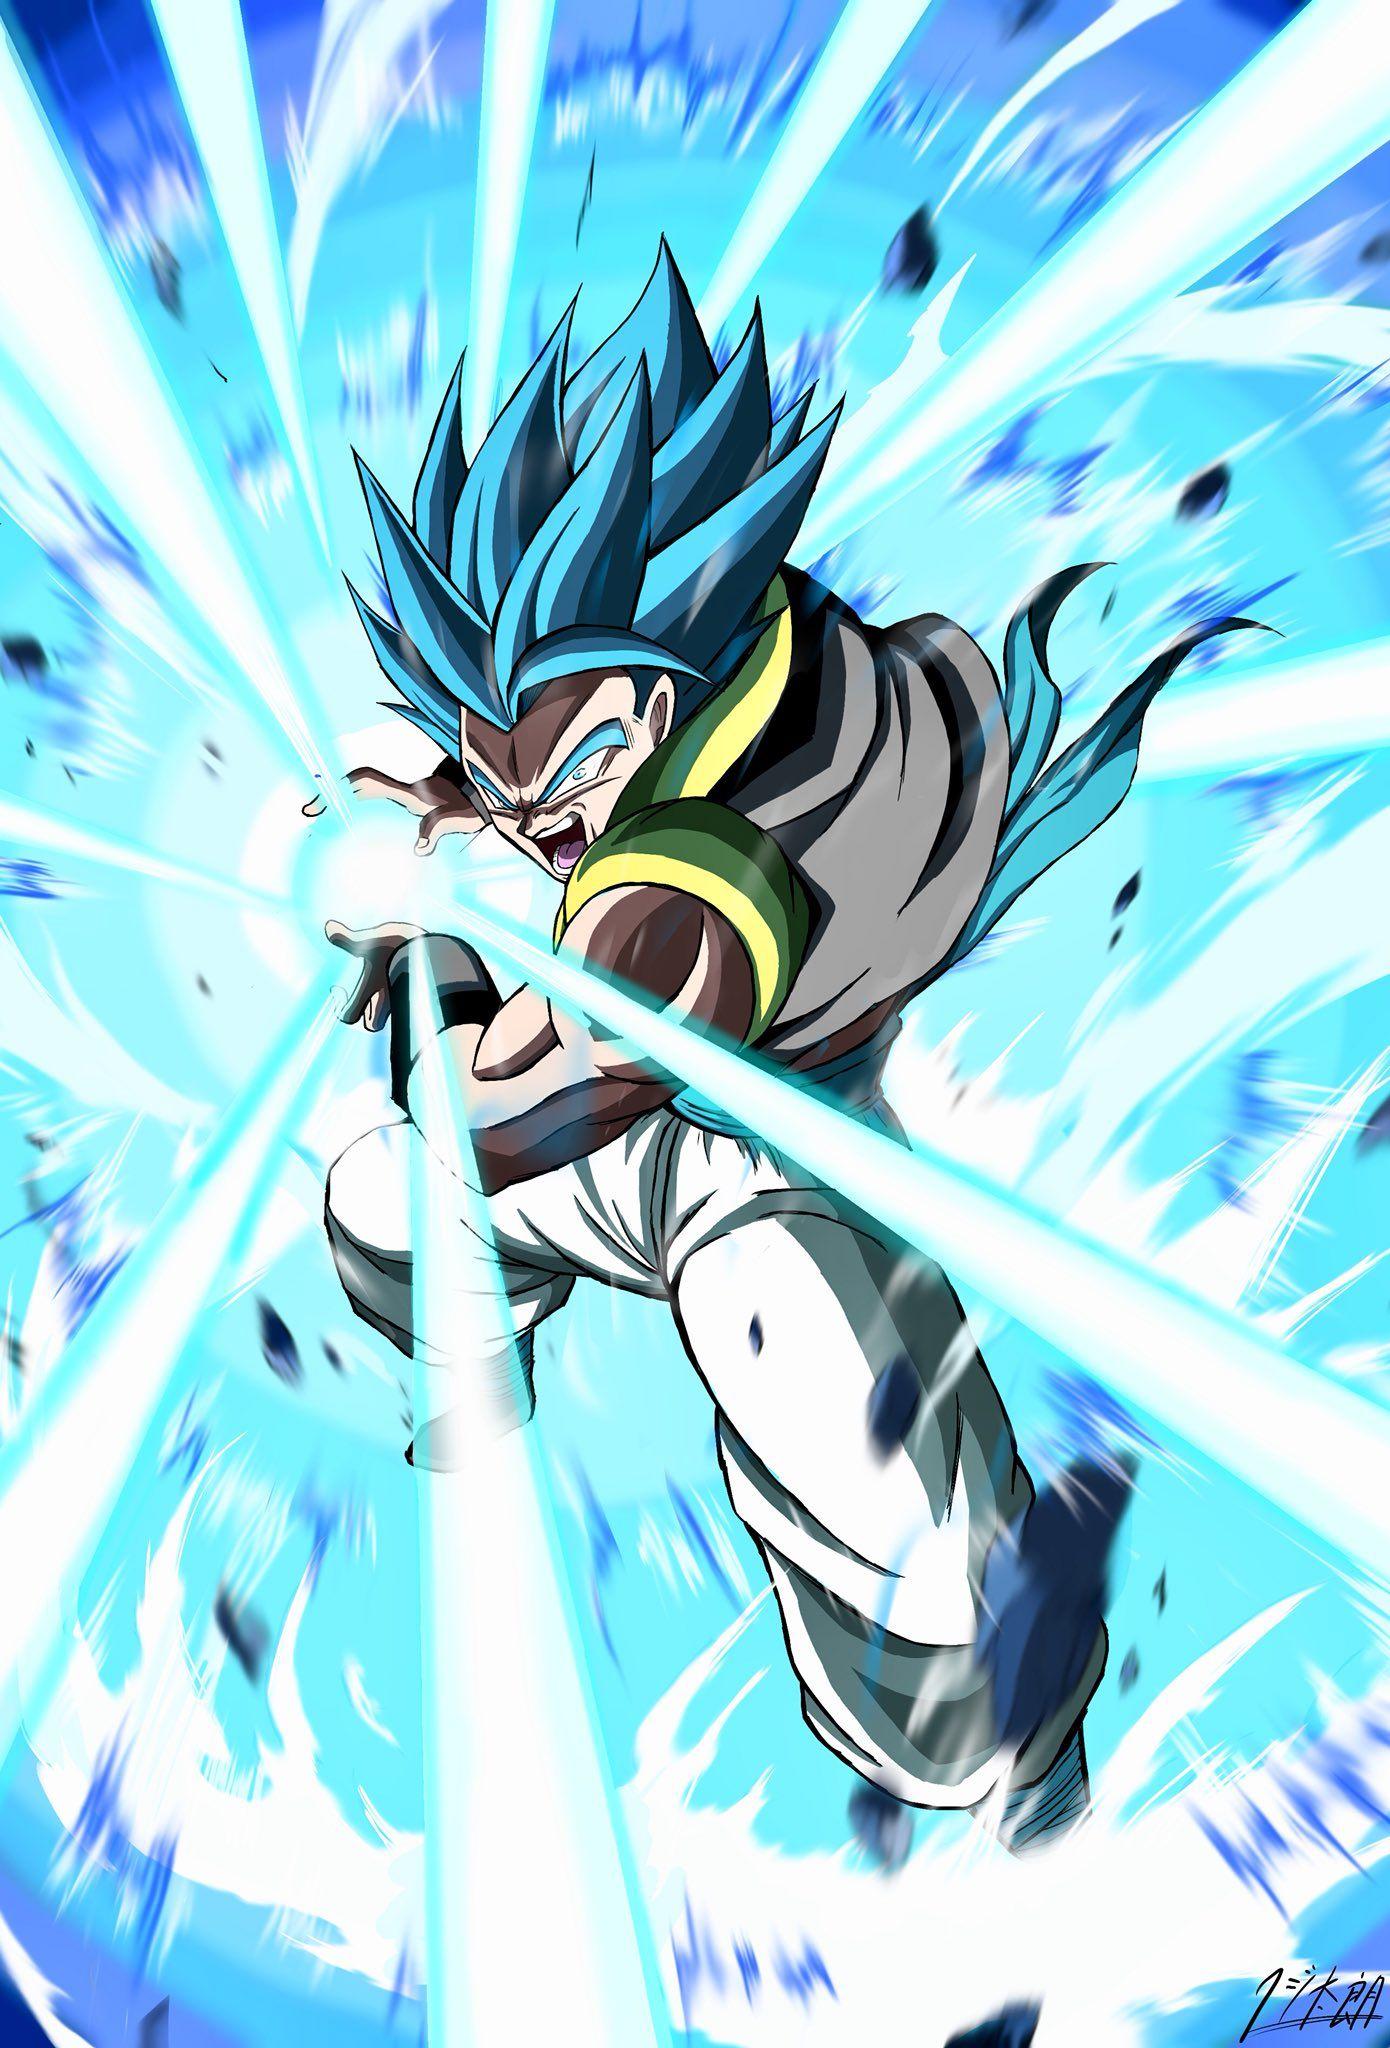 Gogeta Ssgss Anime Dragon Ball Super Dragon Ball Super Manga Dragon Ball Image